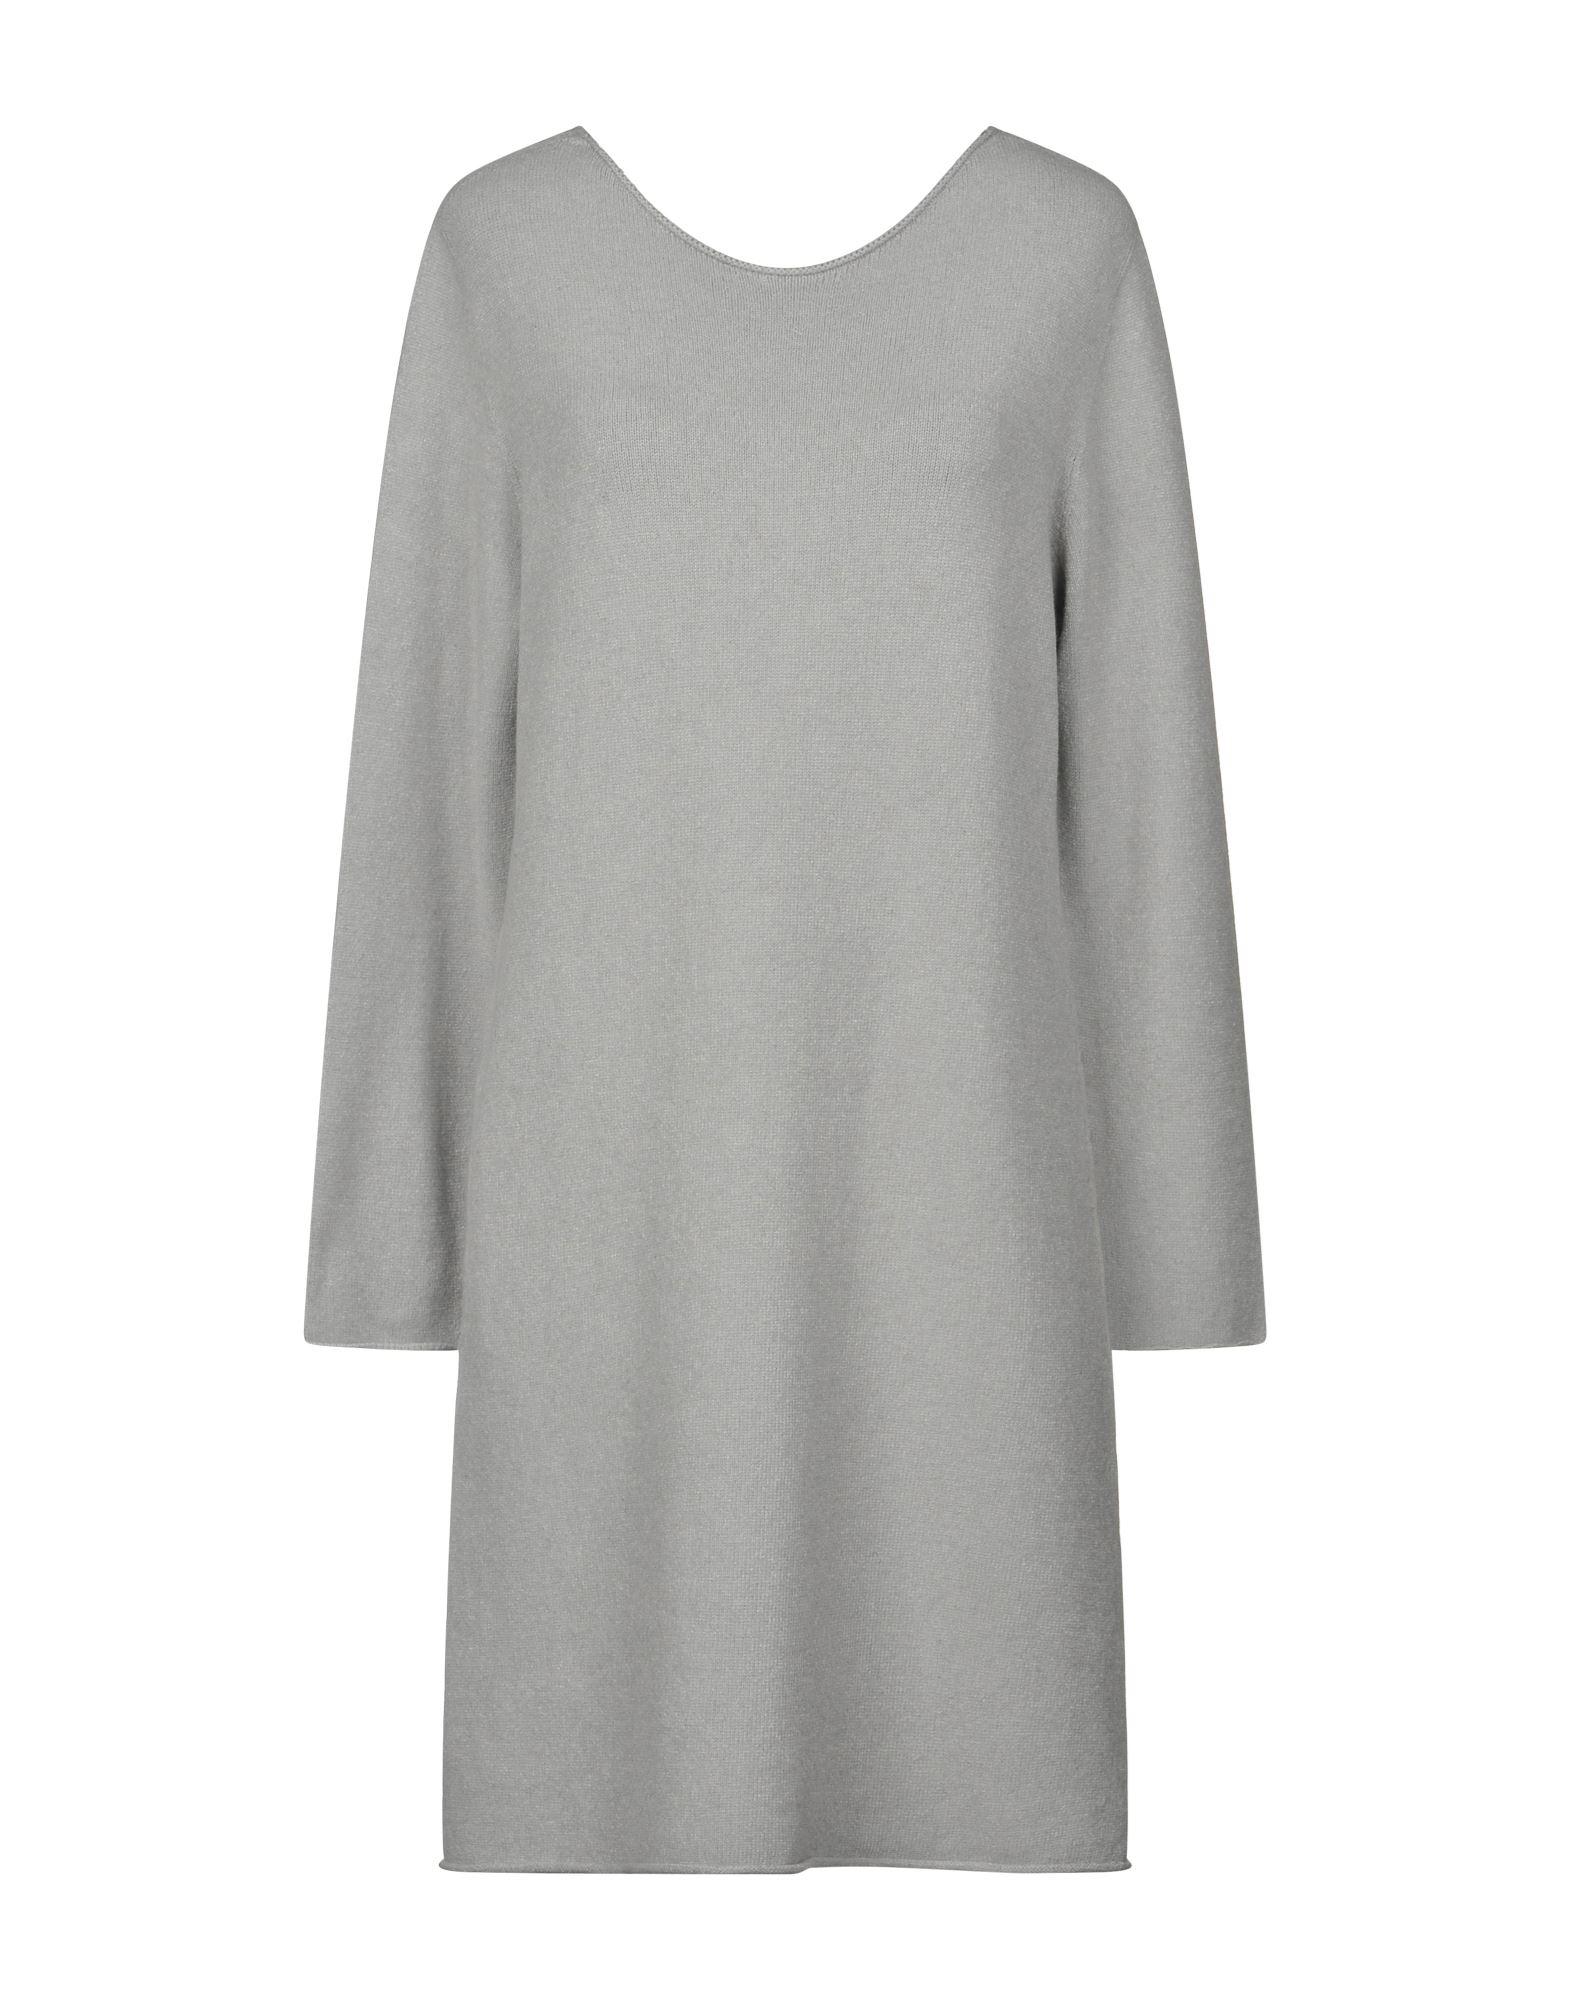 DRESSES - Short dresses NABABILA pPu3jBCa